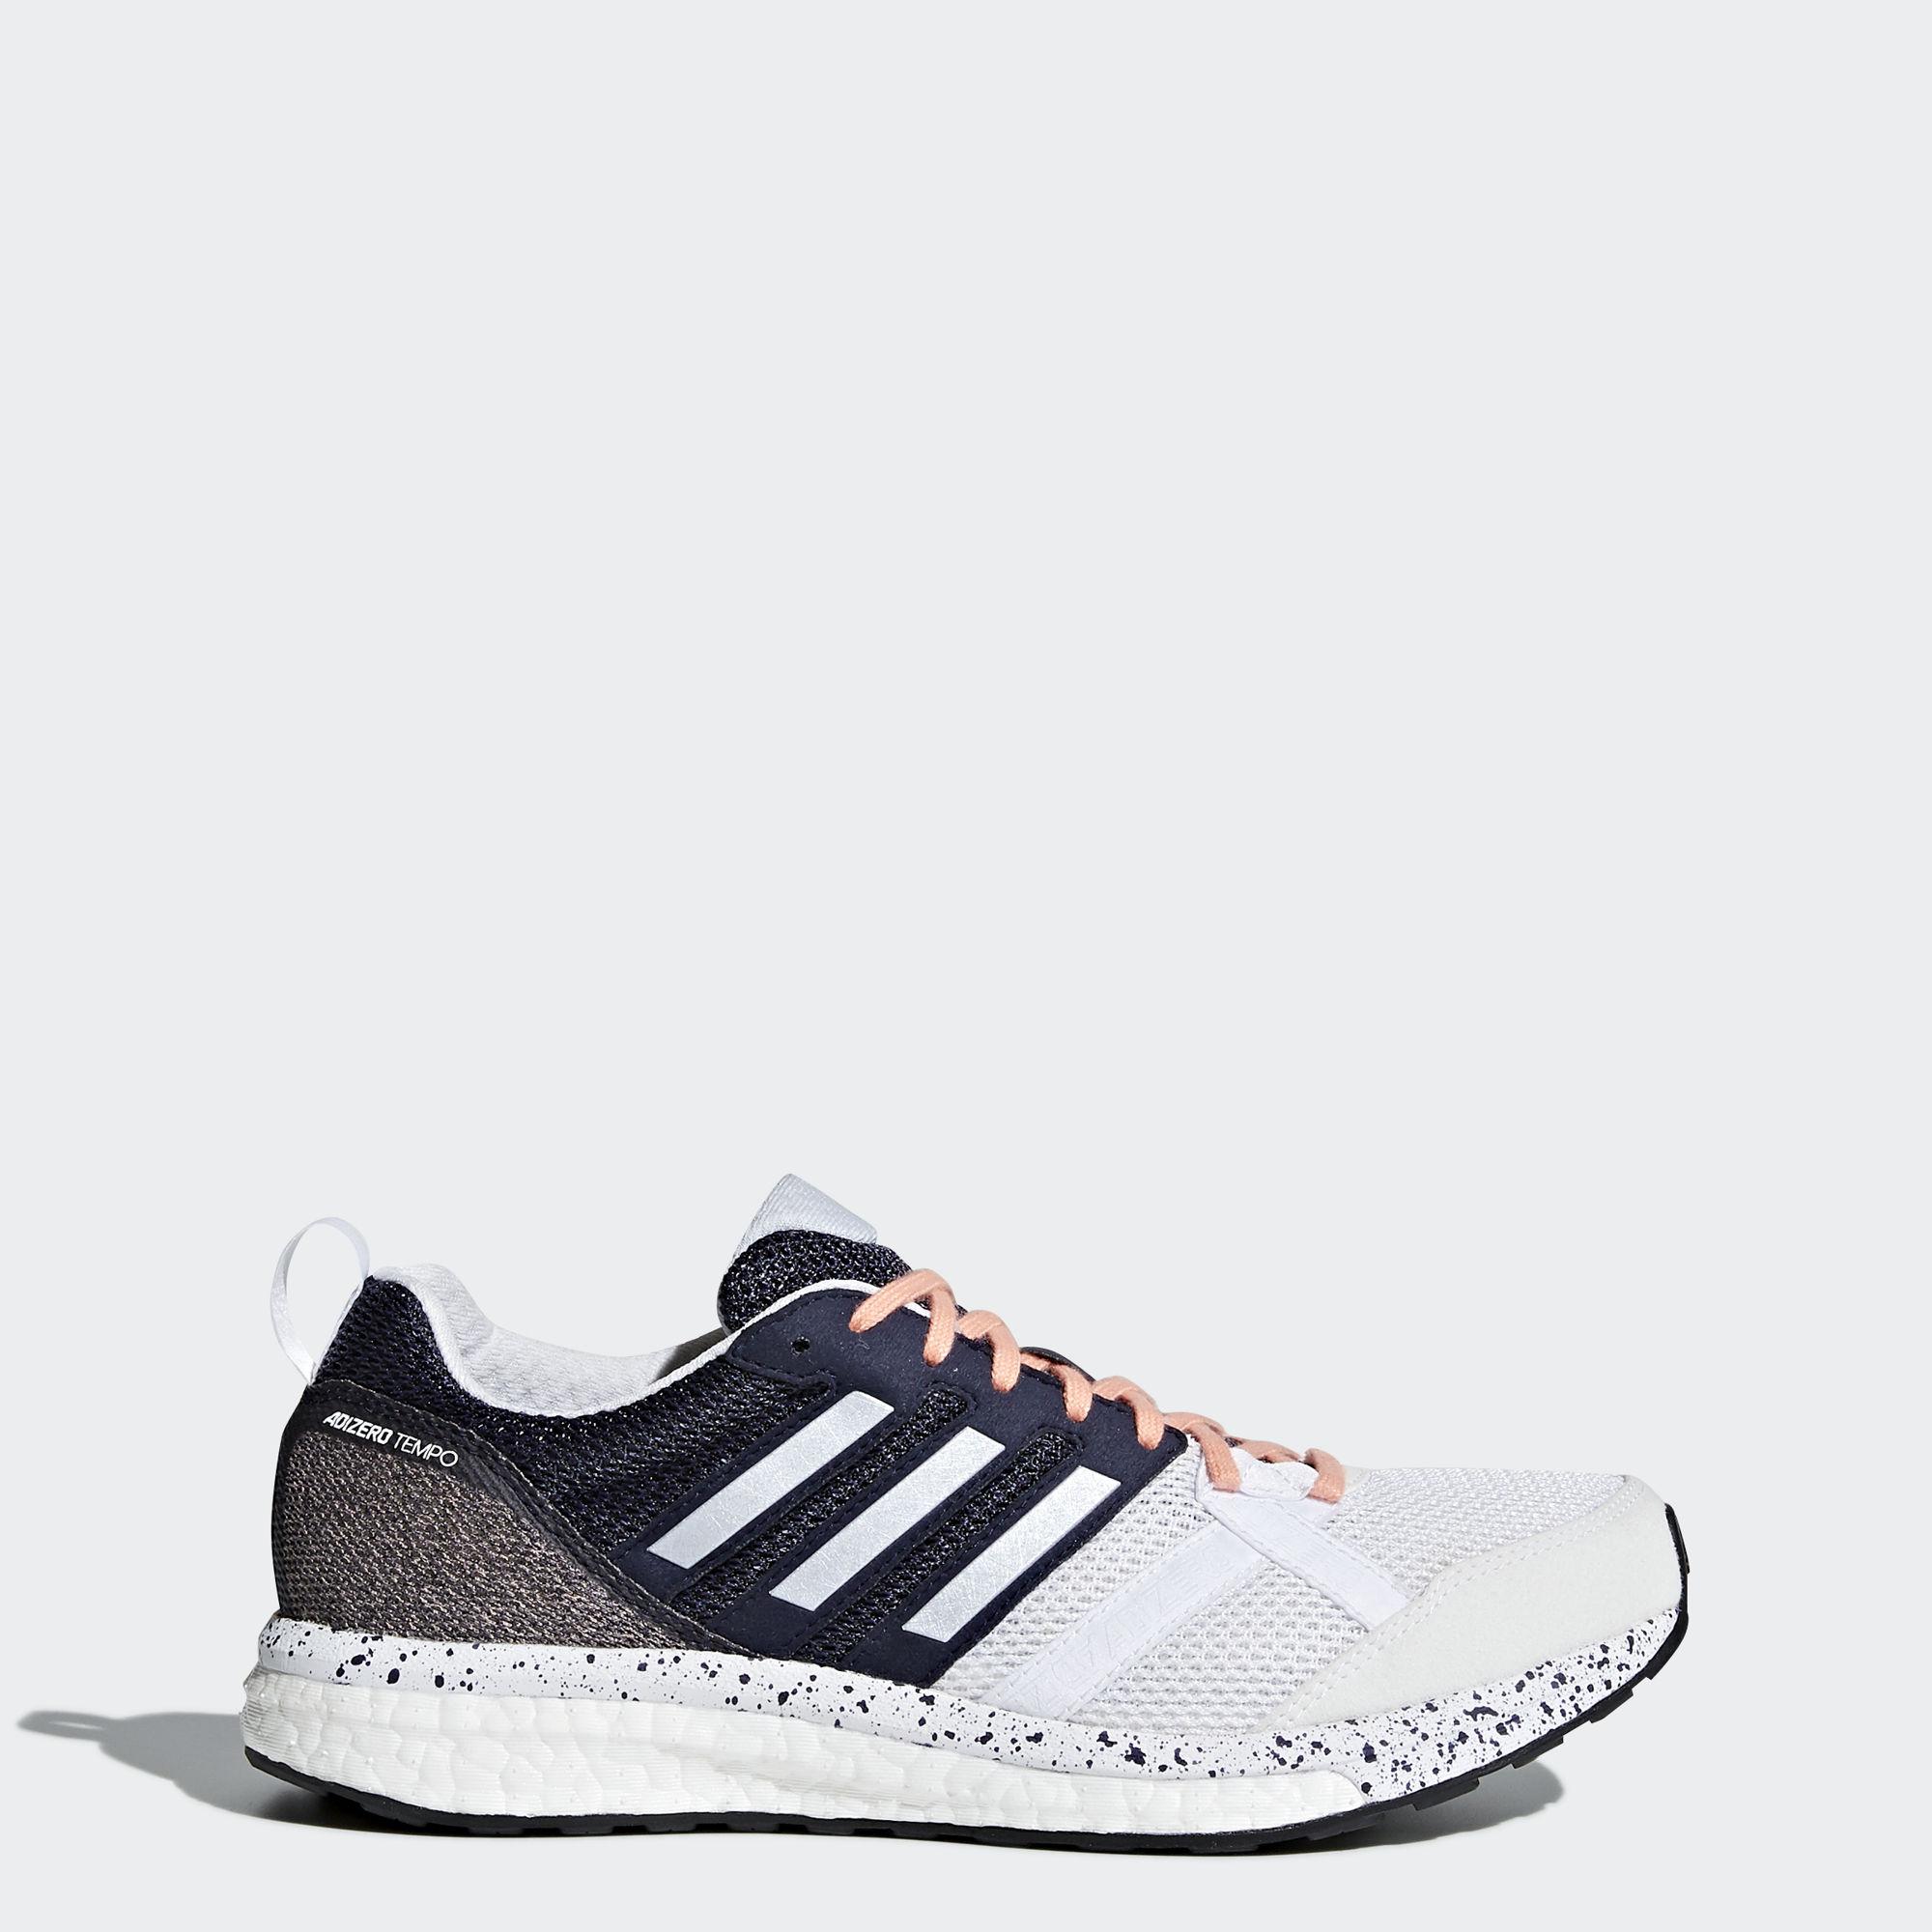 adidas Adizero Tempo 9 w in Weiß Schwarz 4606381a9